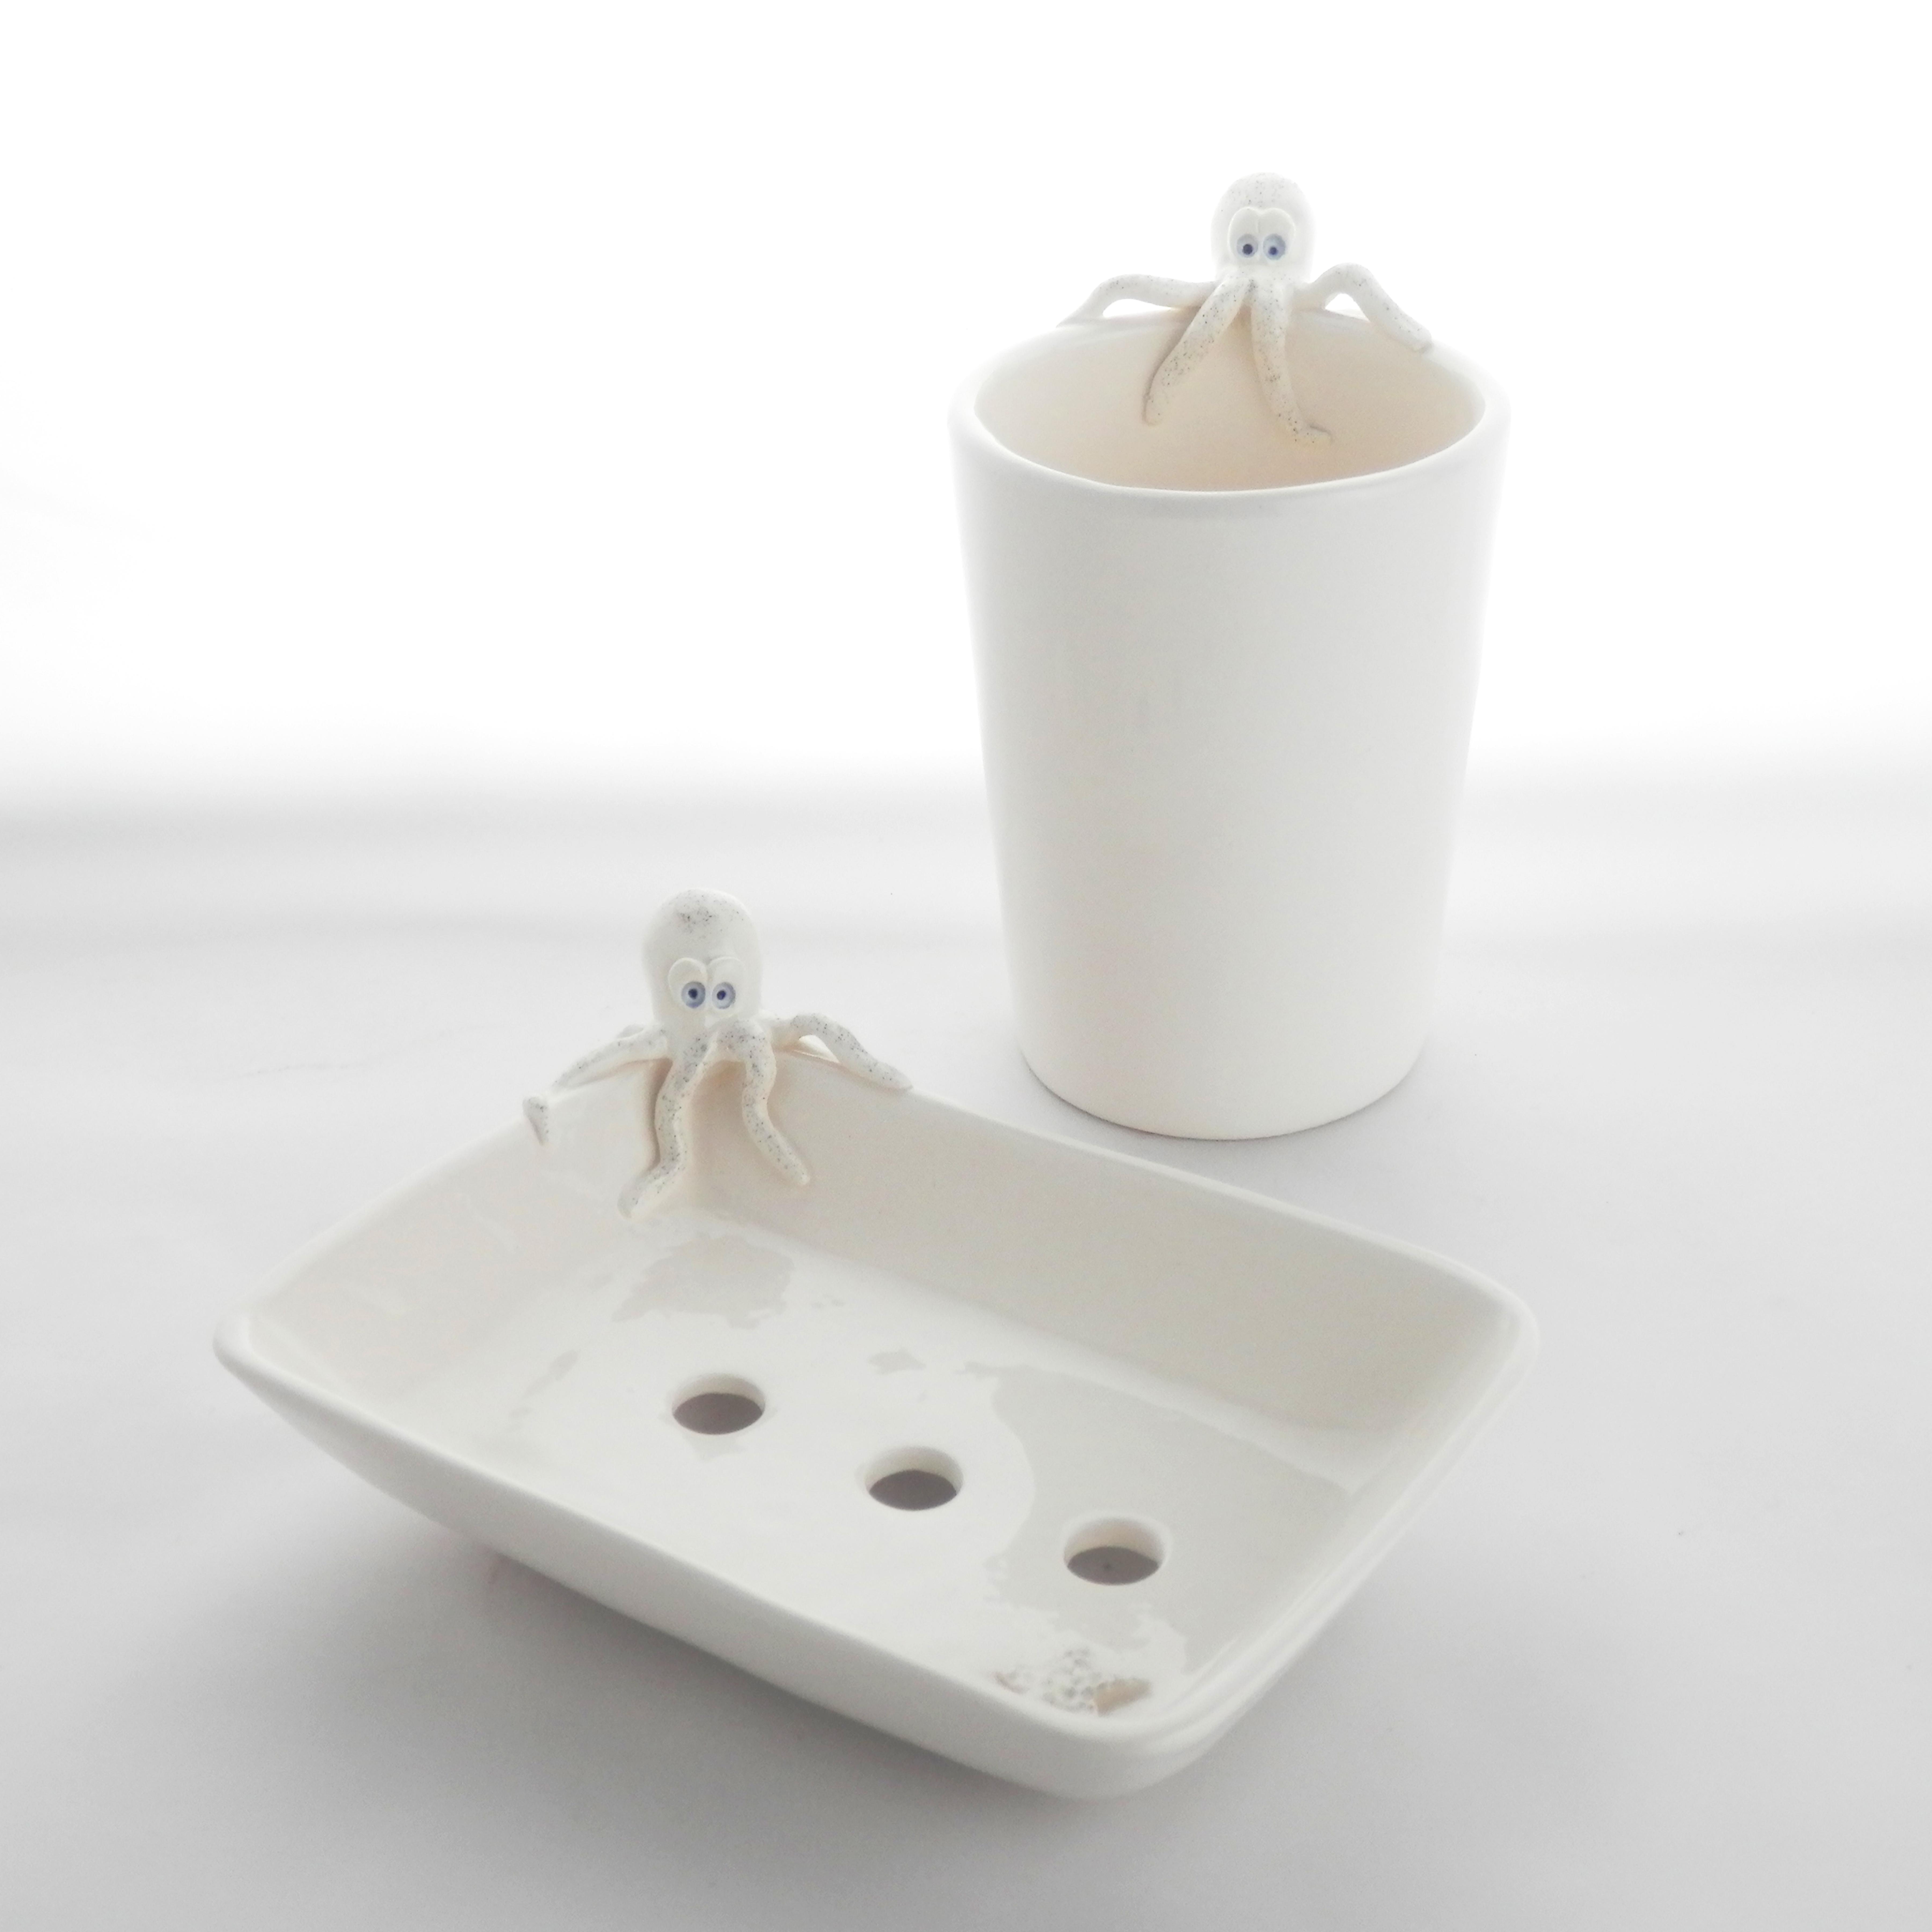 Ensemble porte-savon et verre à brosses à dents pour salle de bain